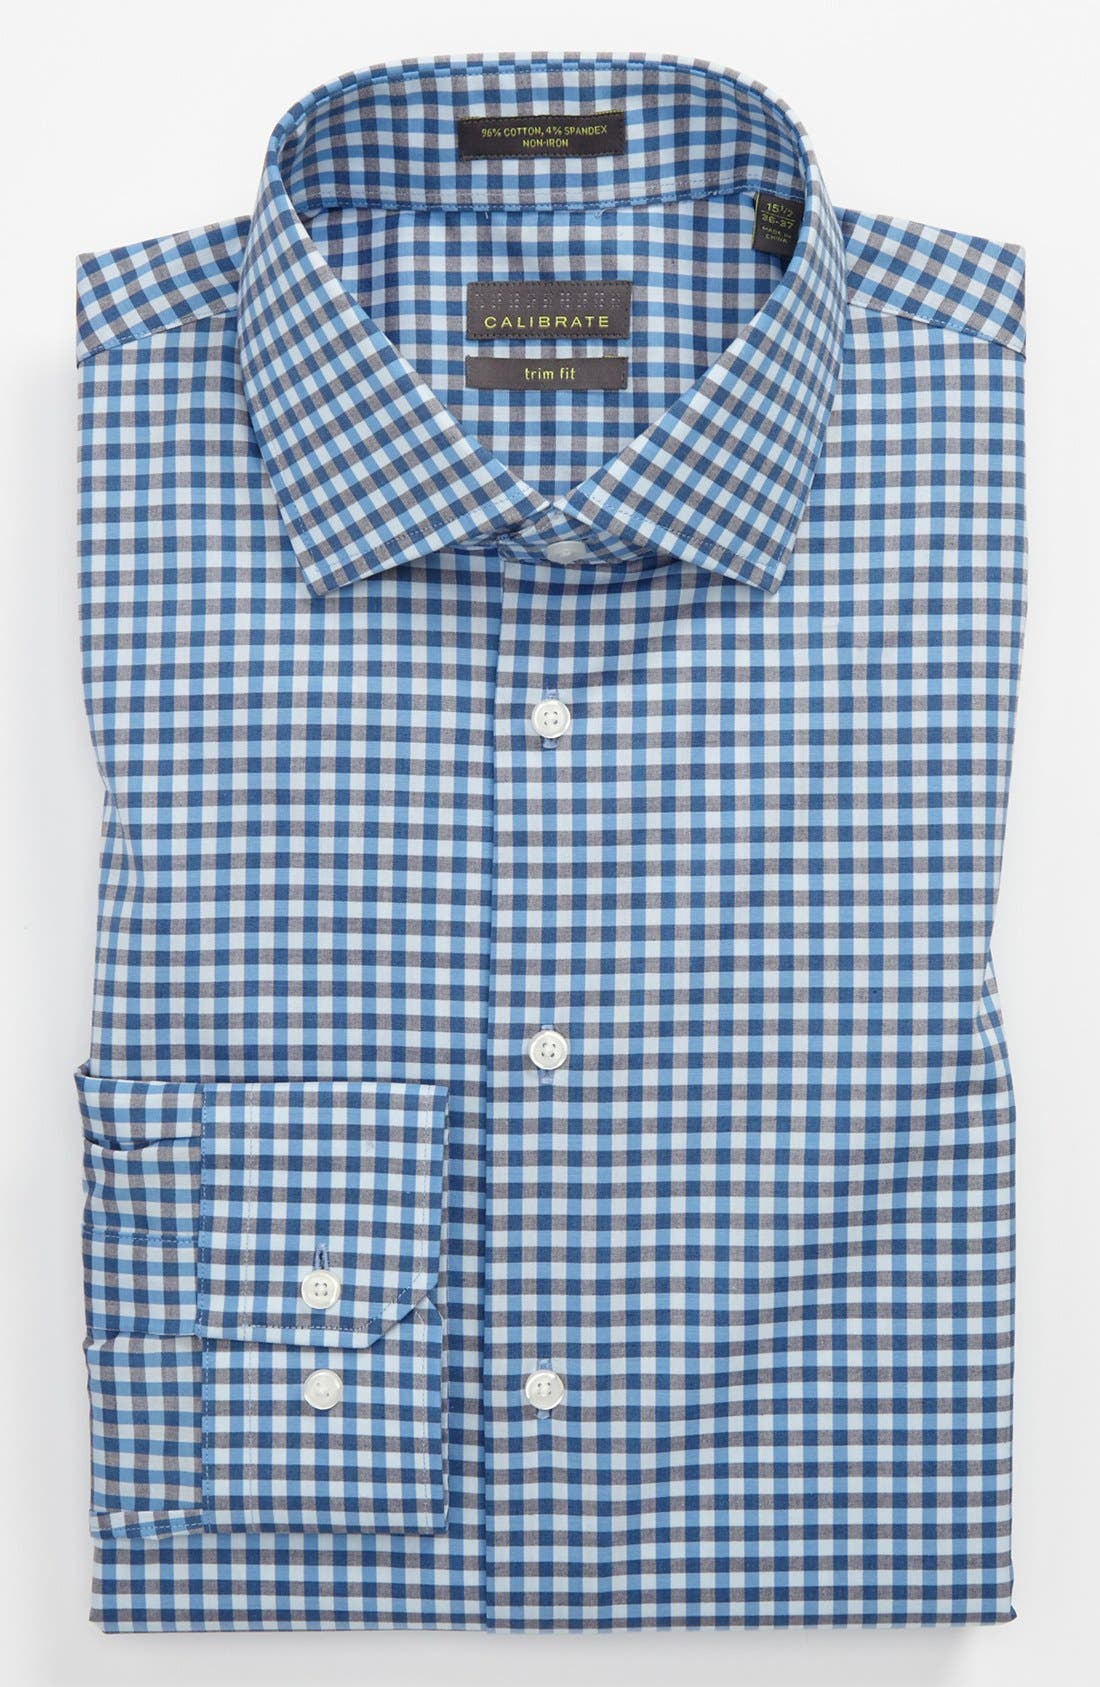 Main Image - Calibrate Trim Fit Dress Shirt